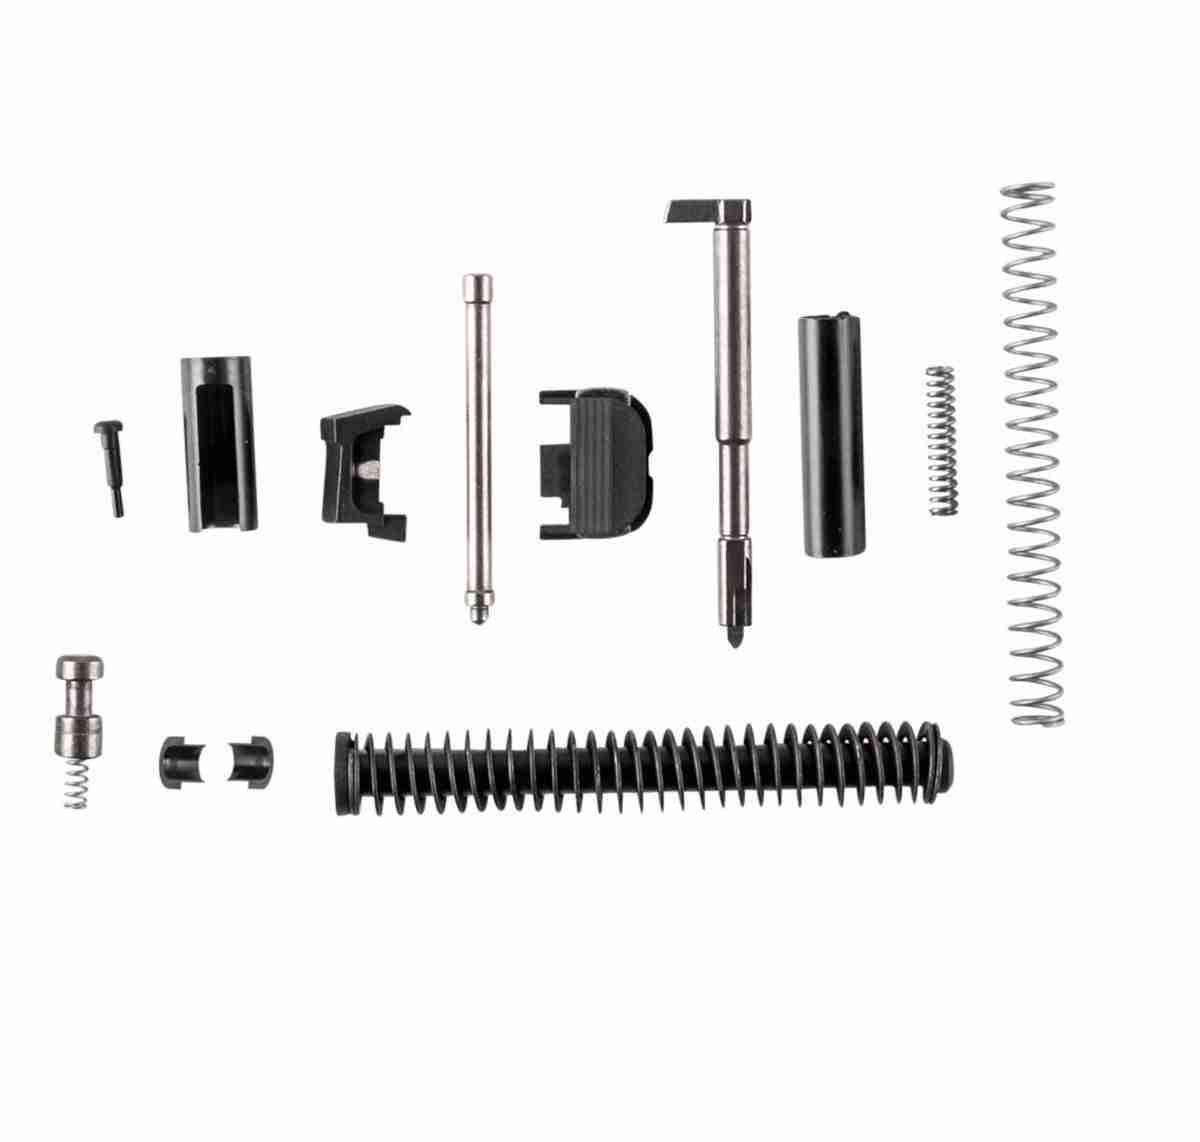 3CR Tactical Glock 17 Slide Completion Kit